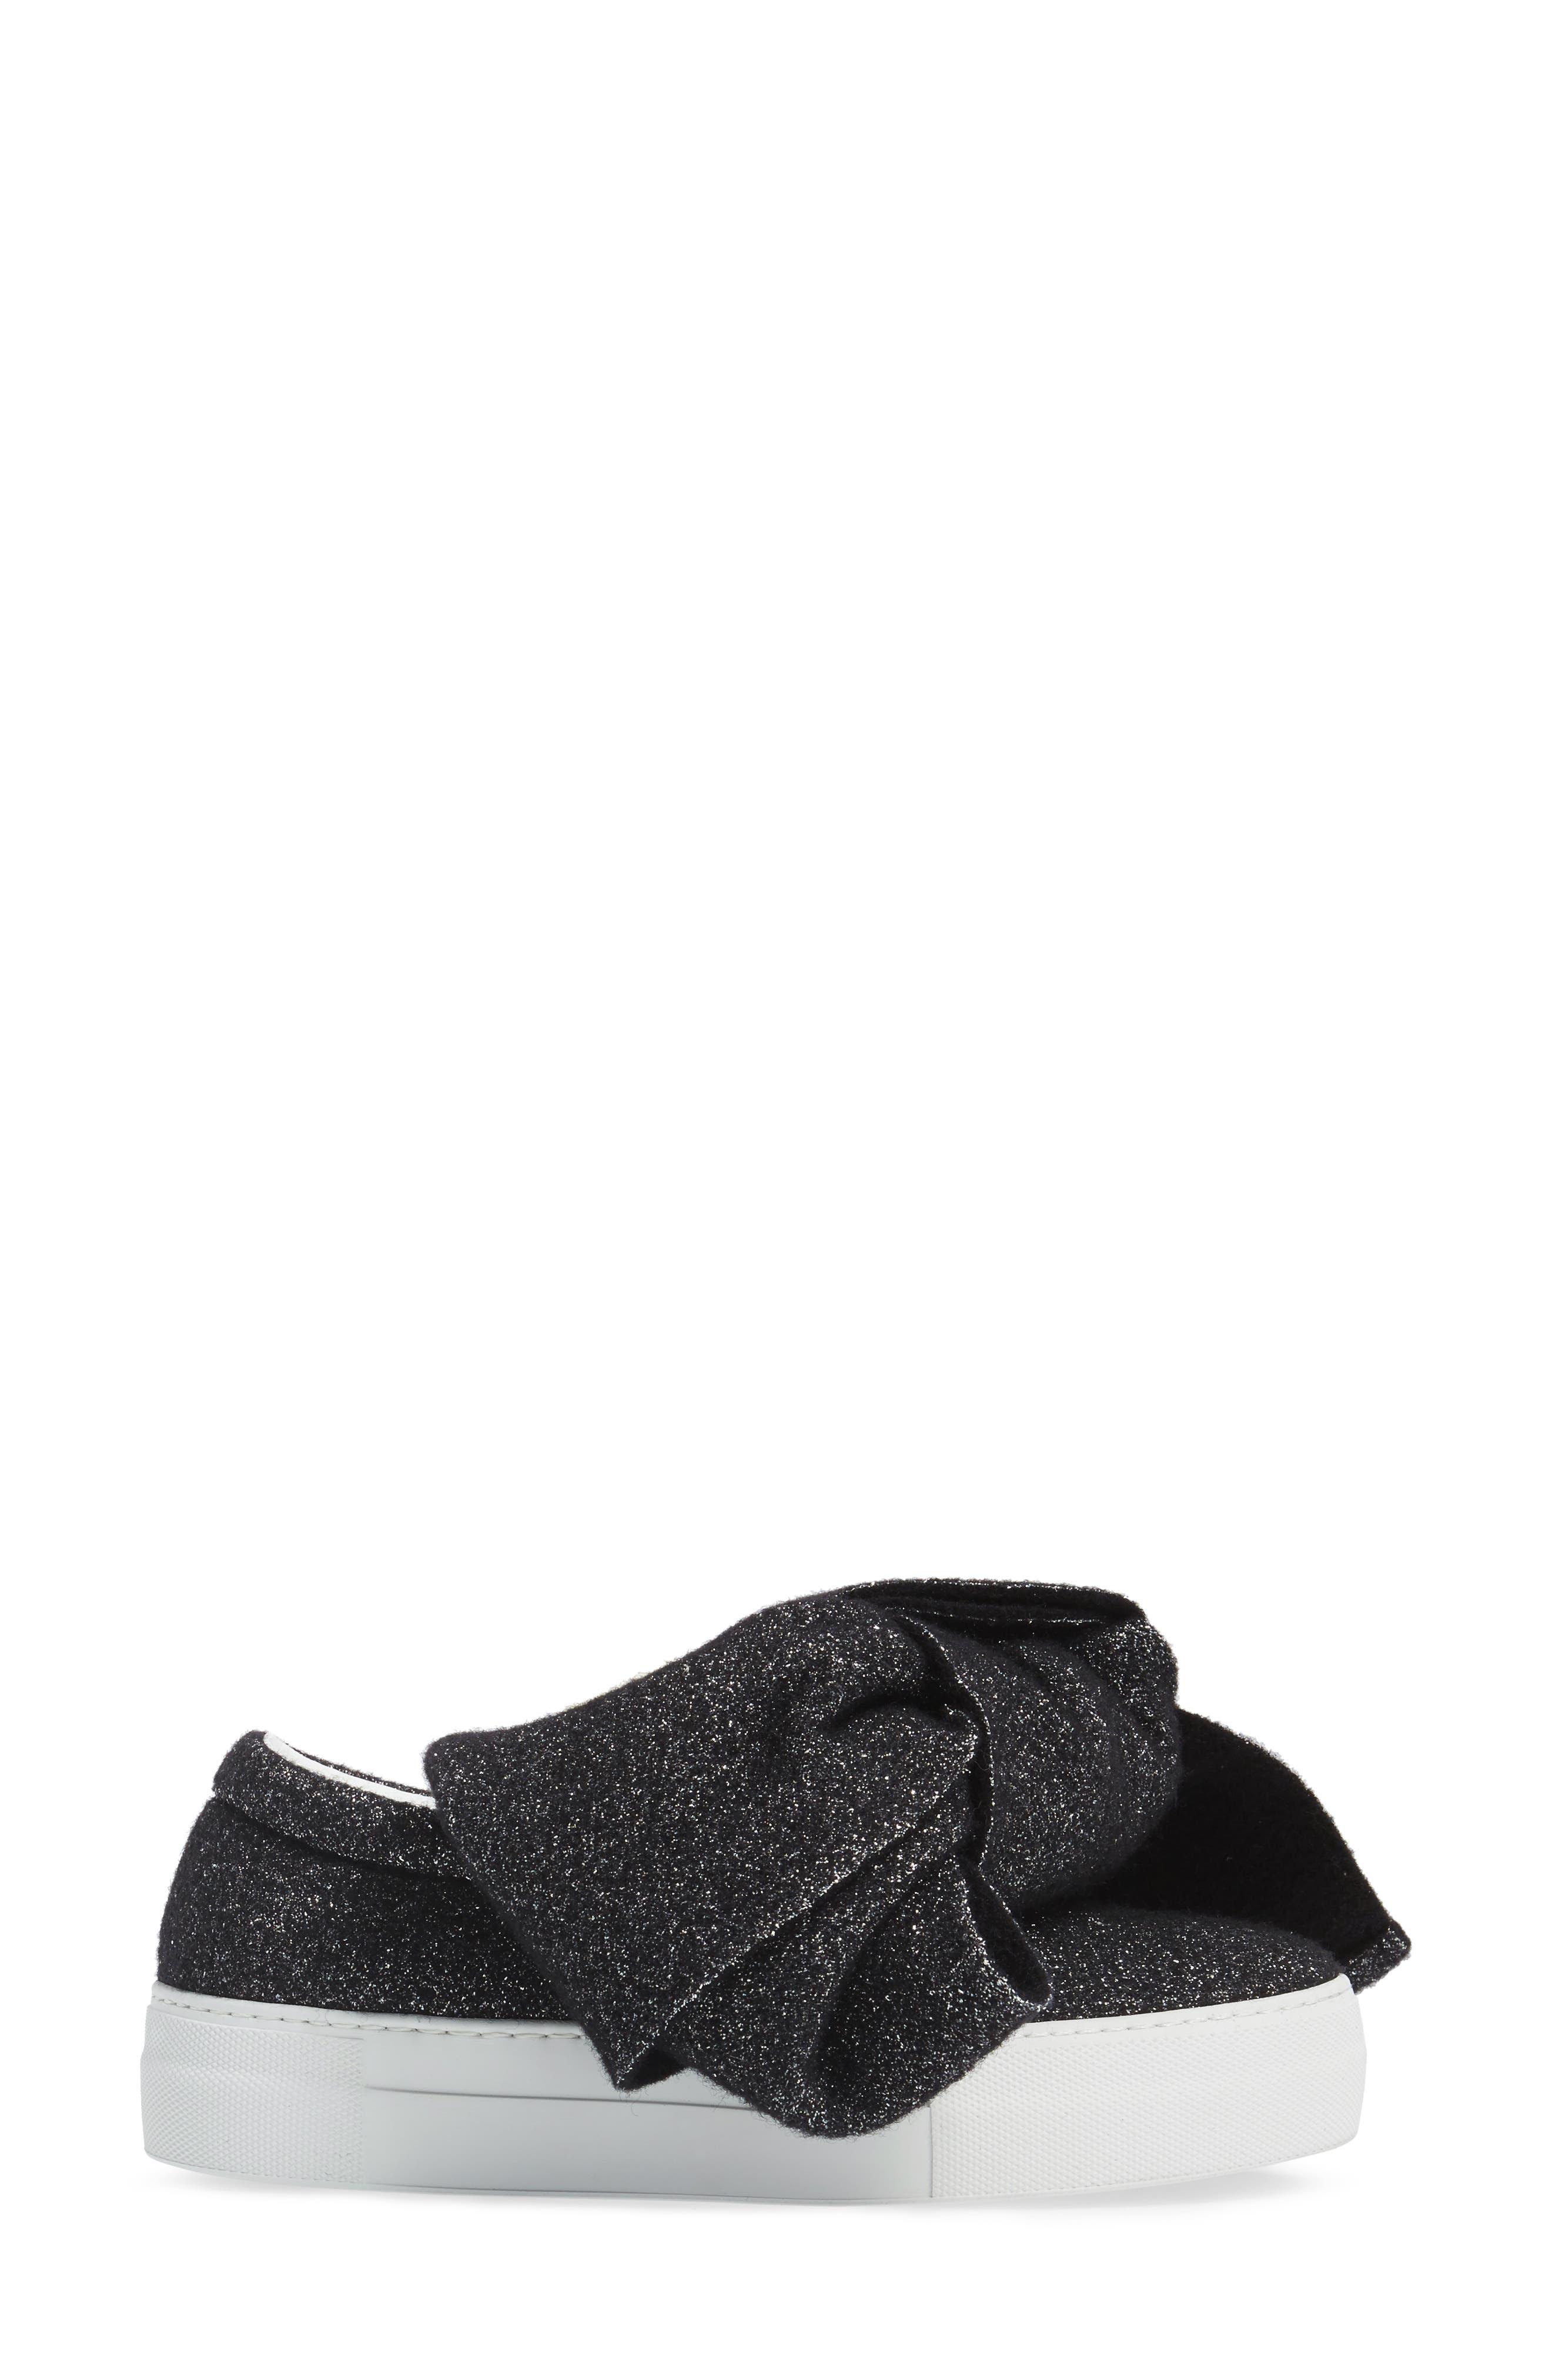 Bow Slip-On Sneaker,                             Alternate thumbnail 3, color,                             001